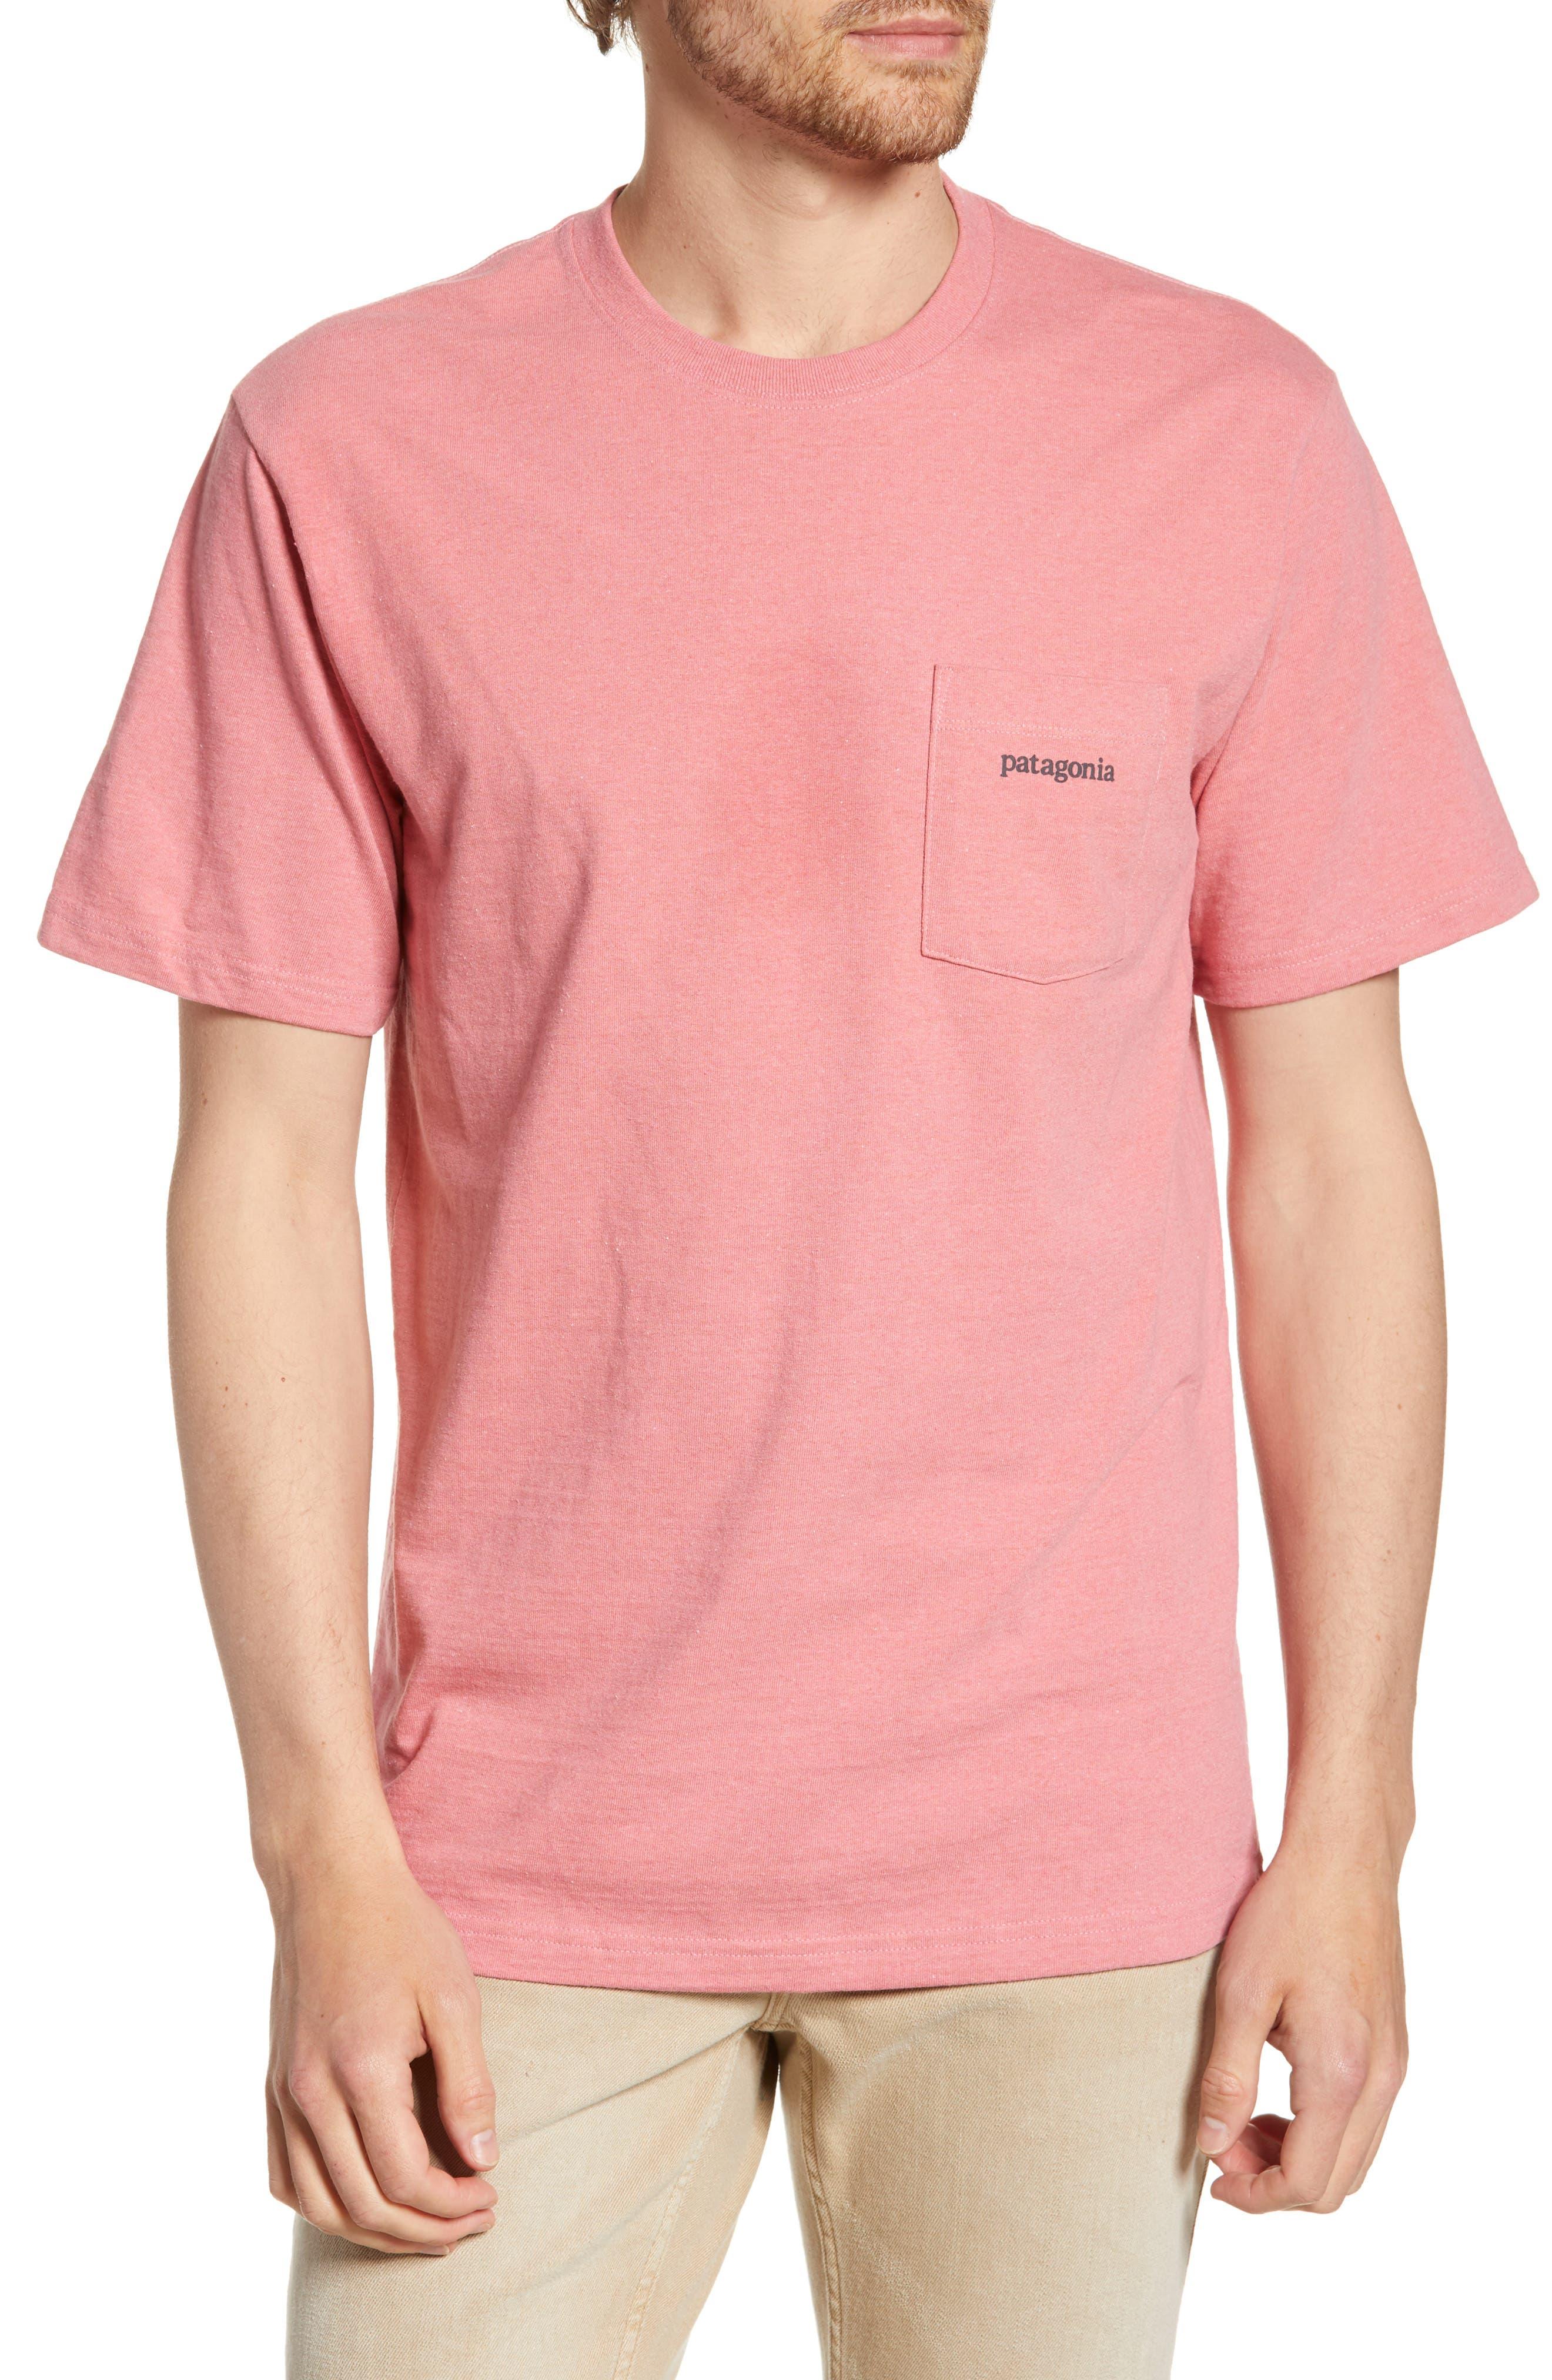 Patagonia Line Ridge Logo Resposibili-Tee Regular Fit T-Shirt, Pink